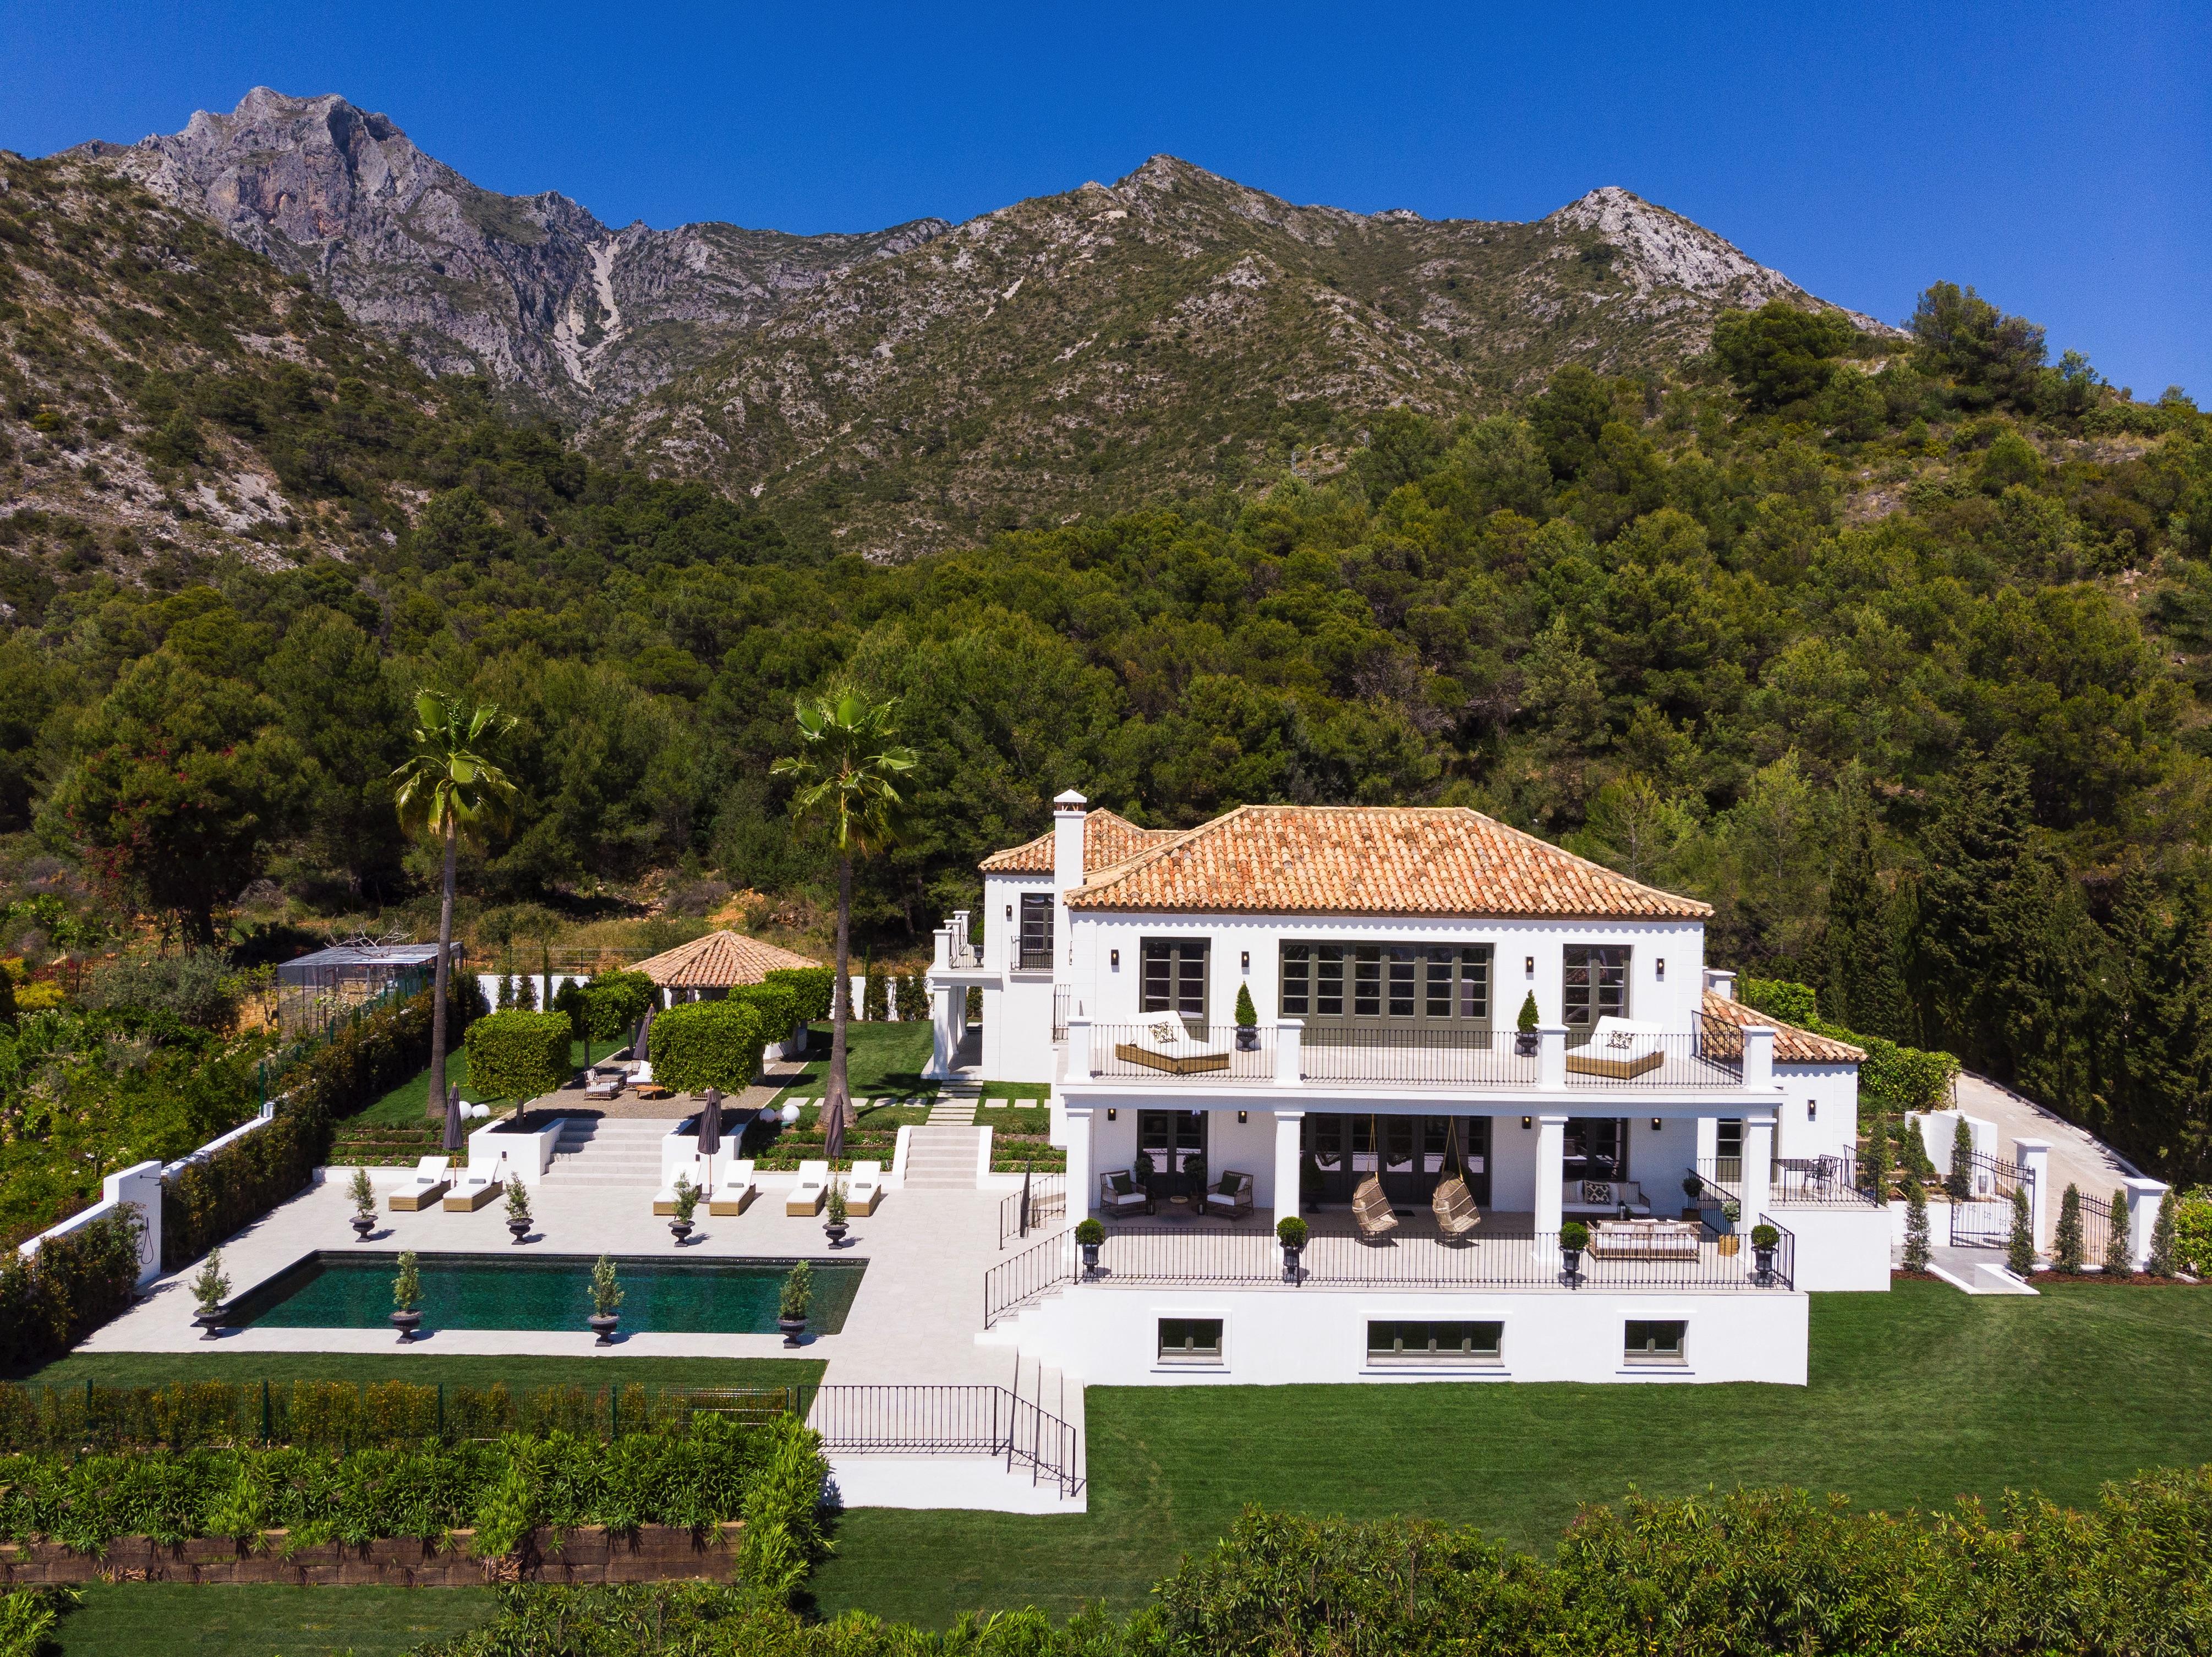 Ref:359-00048P Villa For Sale in Marbella